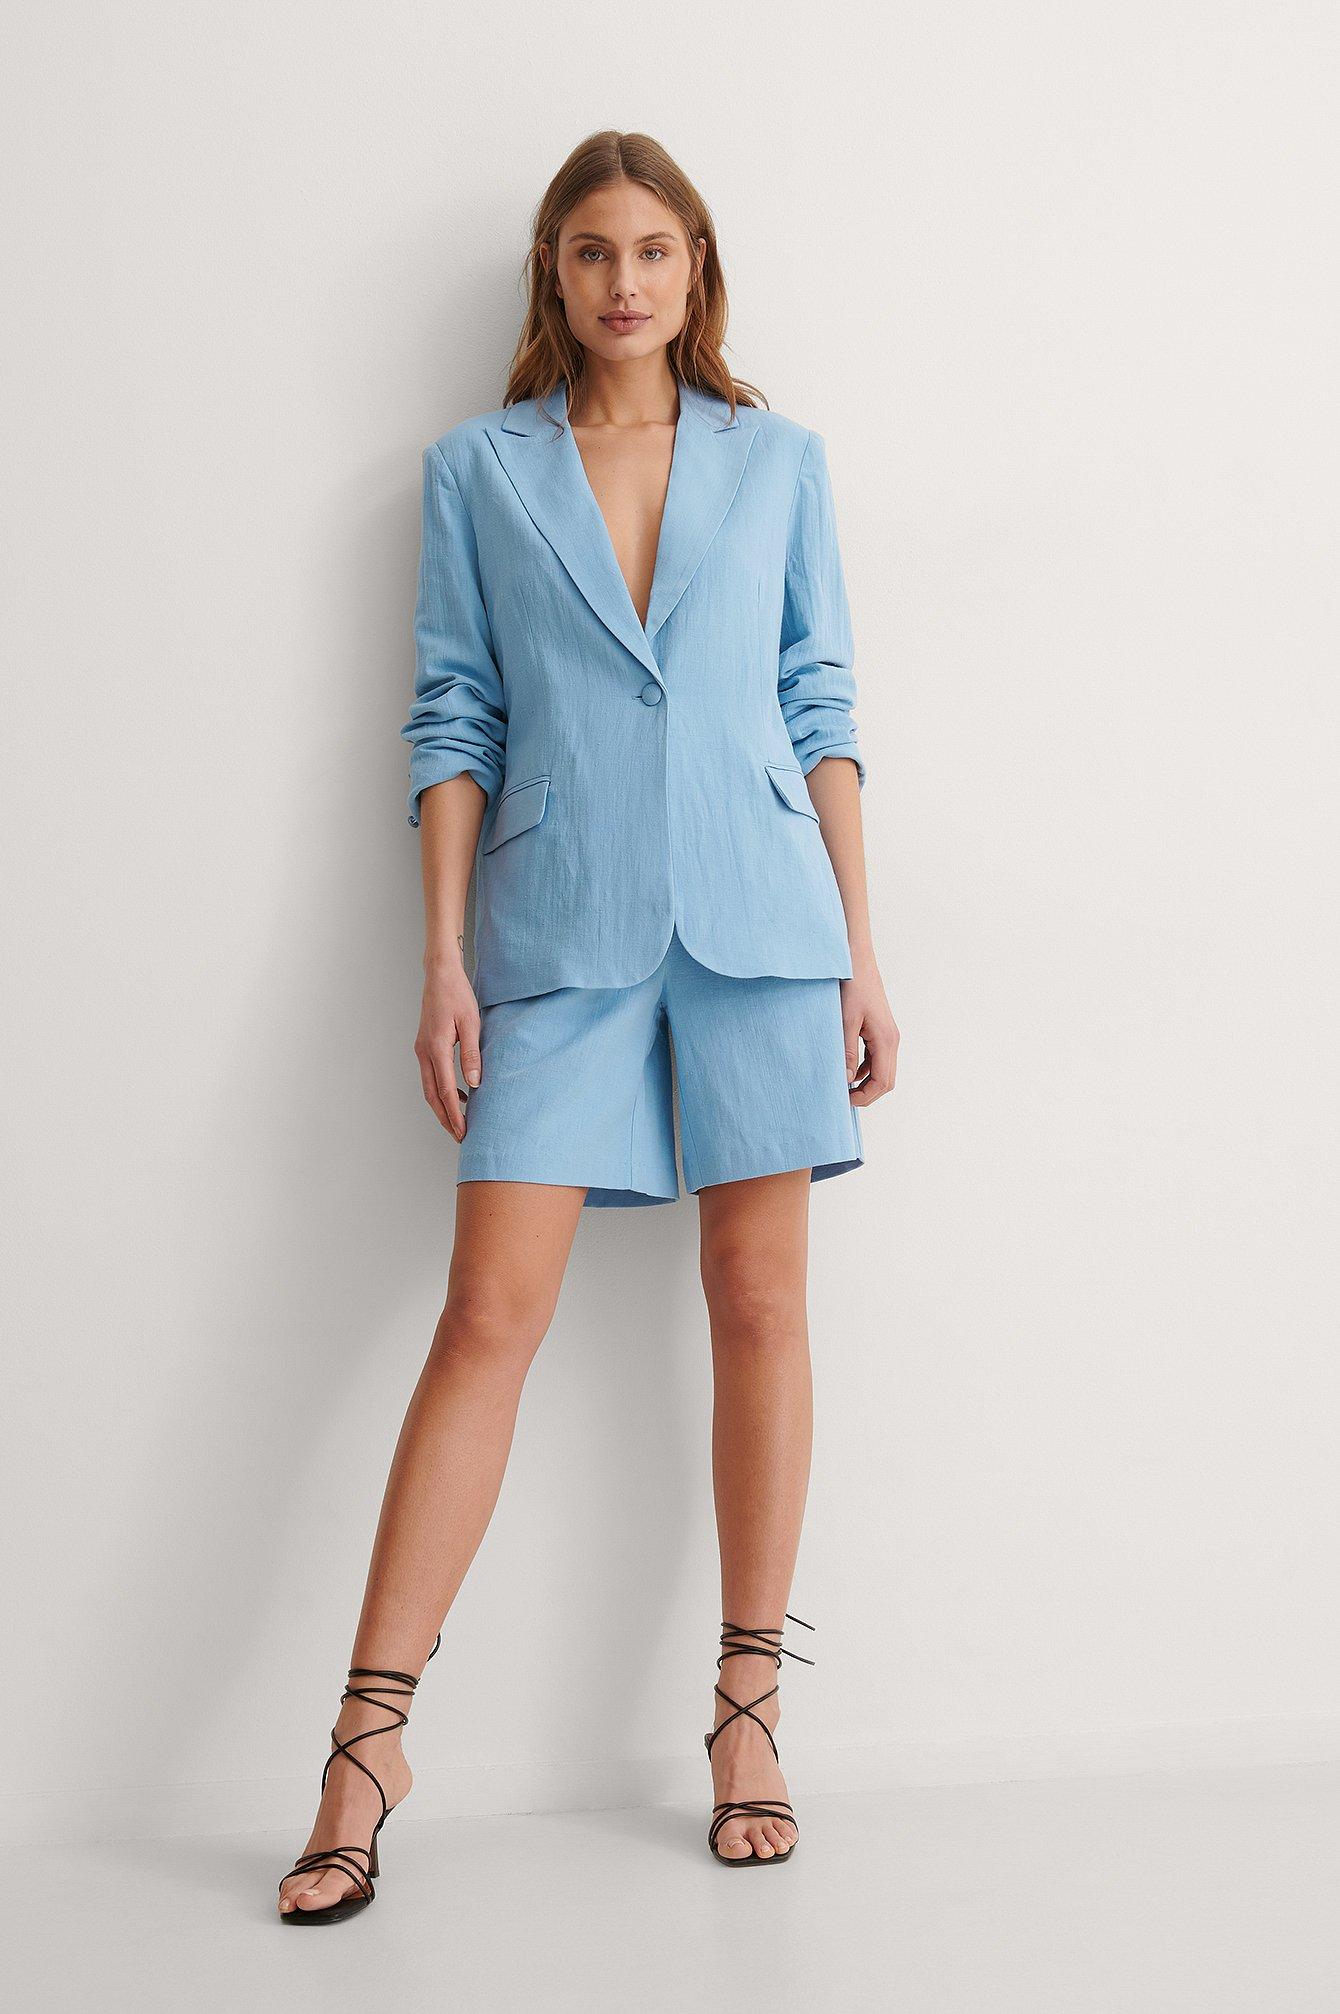 Suit Shorts $47.95